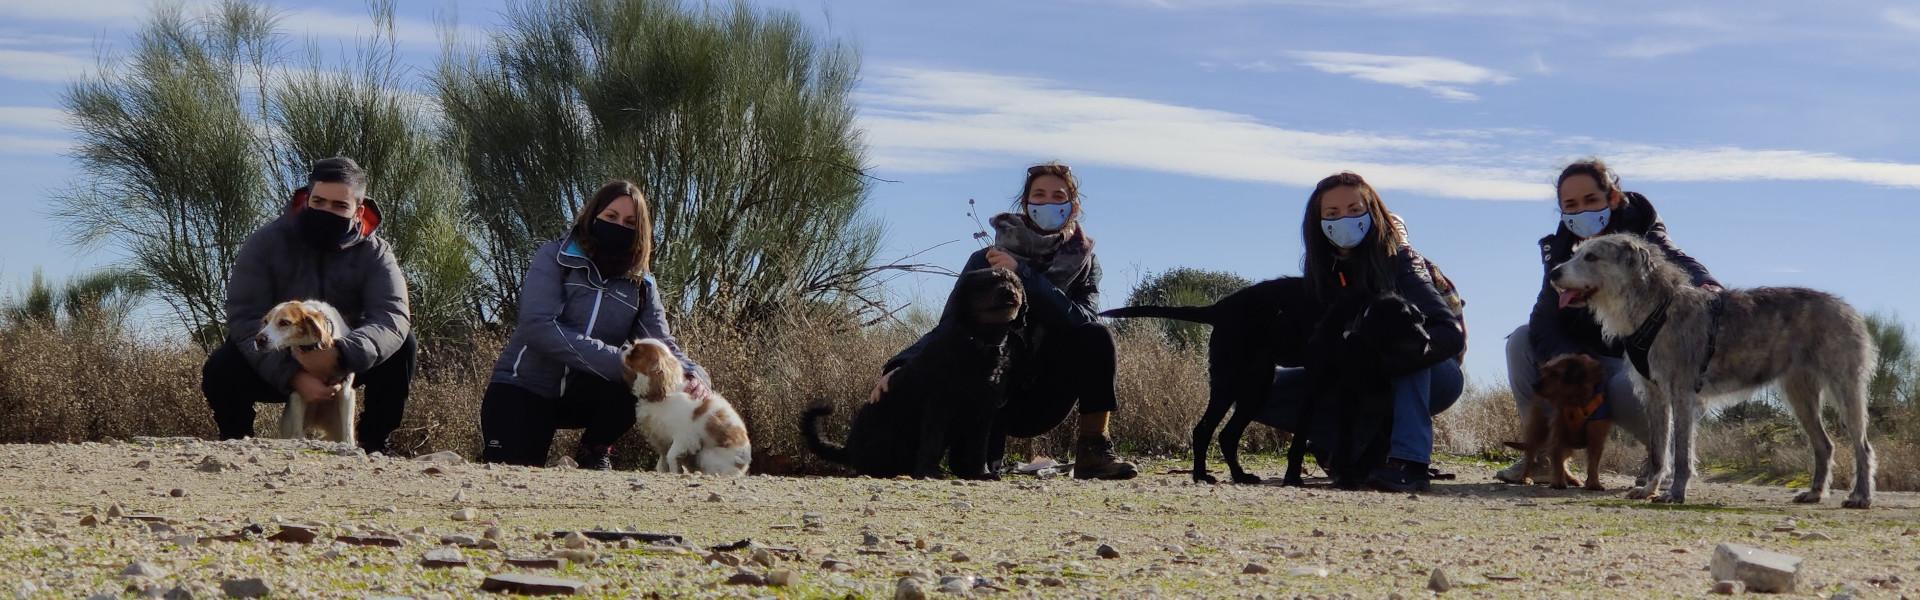 PASIÓN POR LOS ANIMALES, VOCACIÓN POR EL ENTRENAMIENTO Y EL BIENESTAR ANIMAL